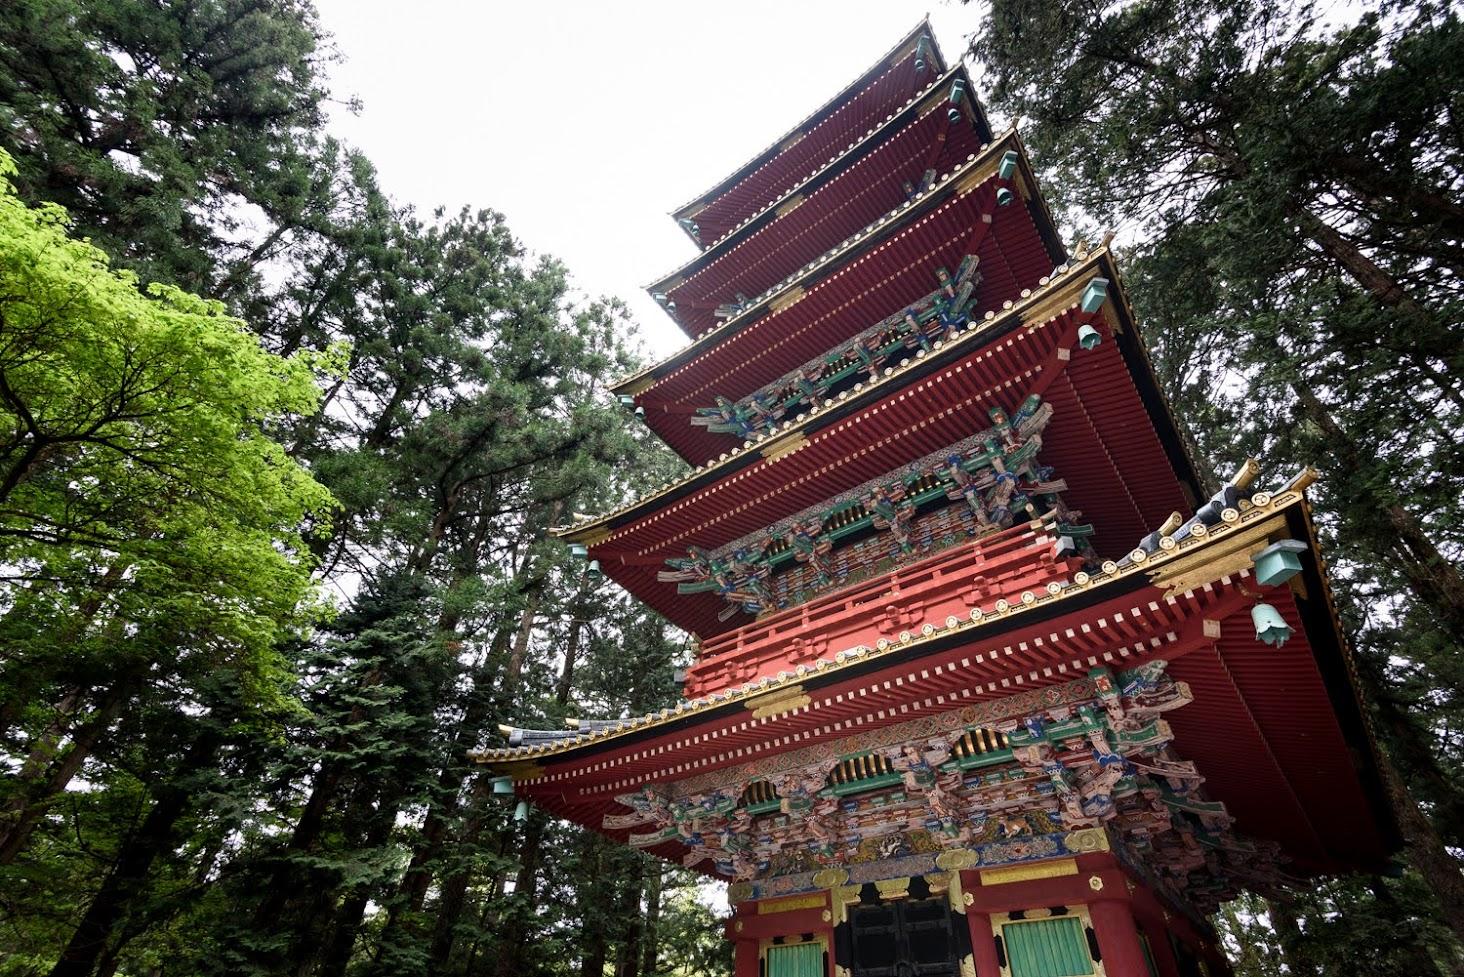 【旅16日目】世界遺産「日光の社寺」